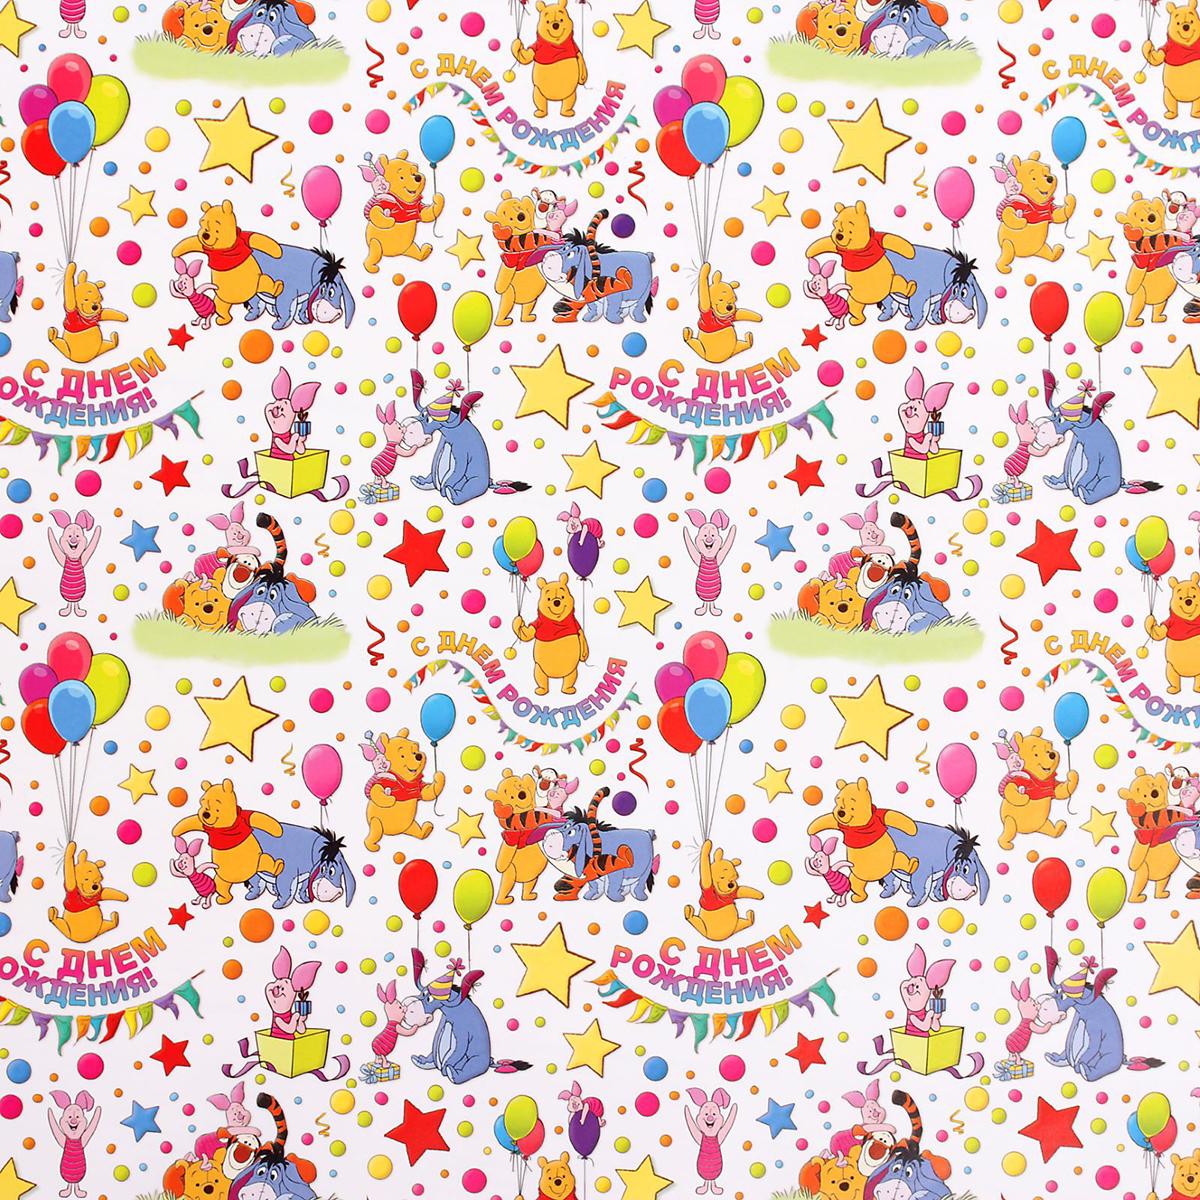 Бумага упаковочная Disney С Днем Рождения. Медвежонок Винни и его друзья, глянцевая, 50 х 70 см. 2391088 бумага упаковочная disney с днем рождения кошечка мари глянцевая 70 х 100 см 2586441